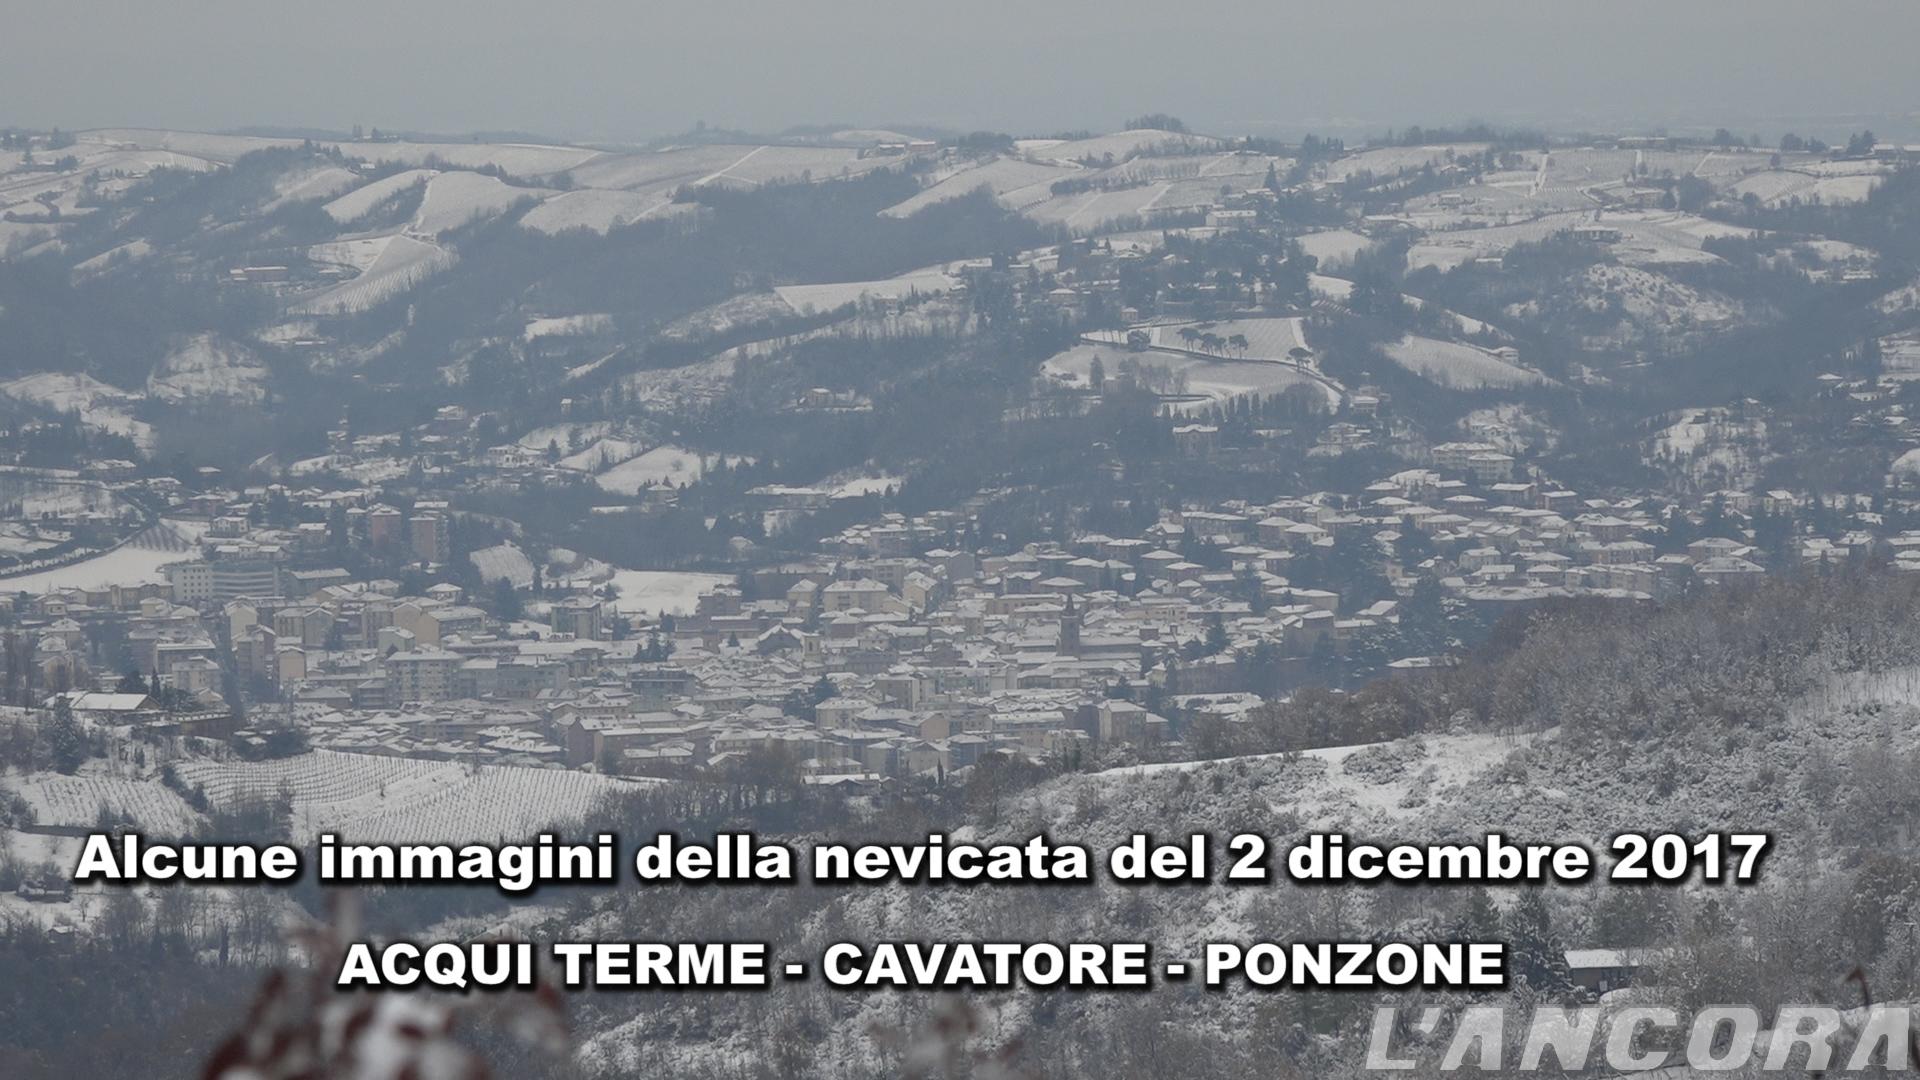 Nevicata del 2 dicembre 2017 - Acqui Terme - Cavatore - Ponzone